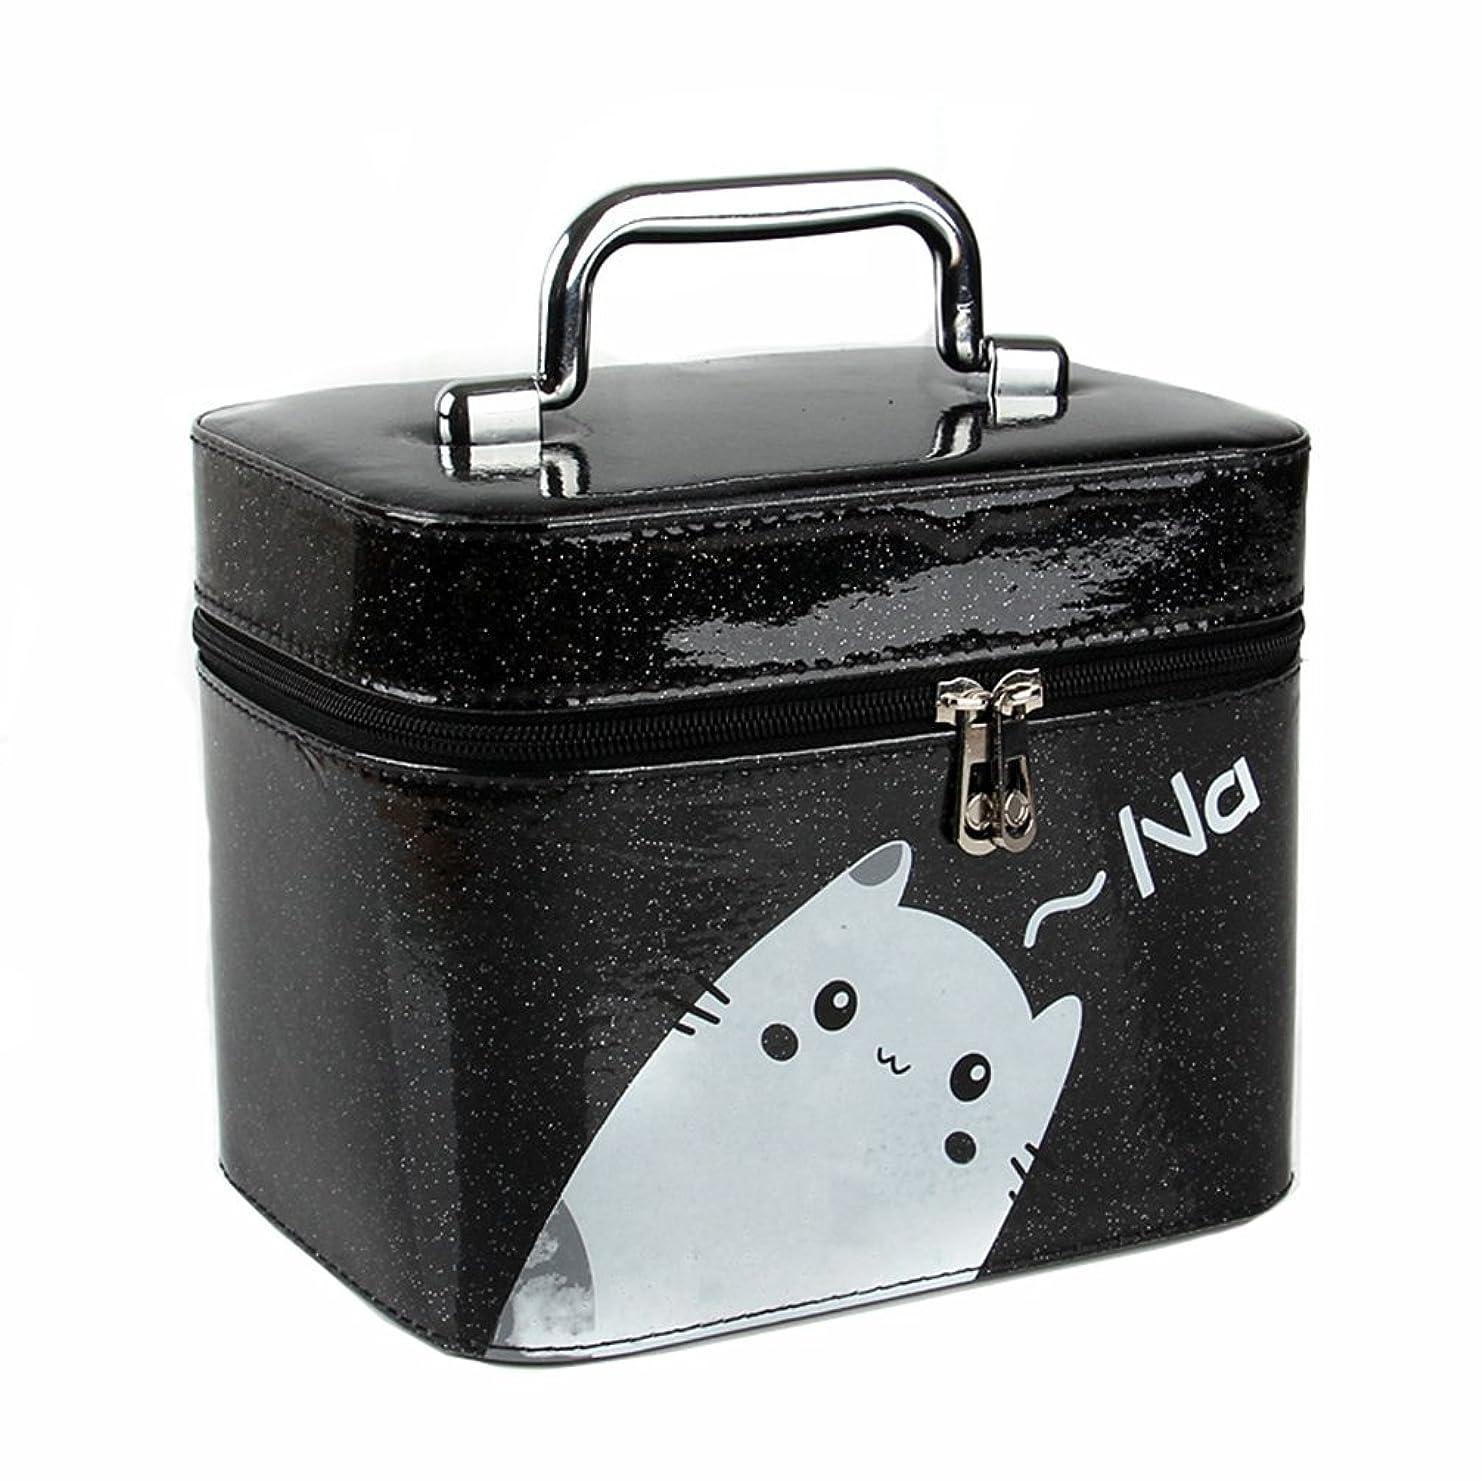 石炭ホーン体現する大容量 メイクボックス コスメボックス 猫ちゃん かわいい スメBOX 化粧品 収納ボックス 化粧ポーチ メイクポーチ 携帯便利 女性用 女の子 ミラー付き 取っ手付き おしゃれ 鏡付き 機能的 防水 化粧箱